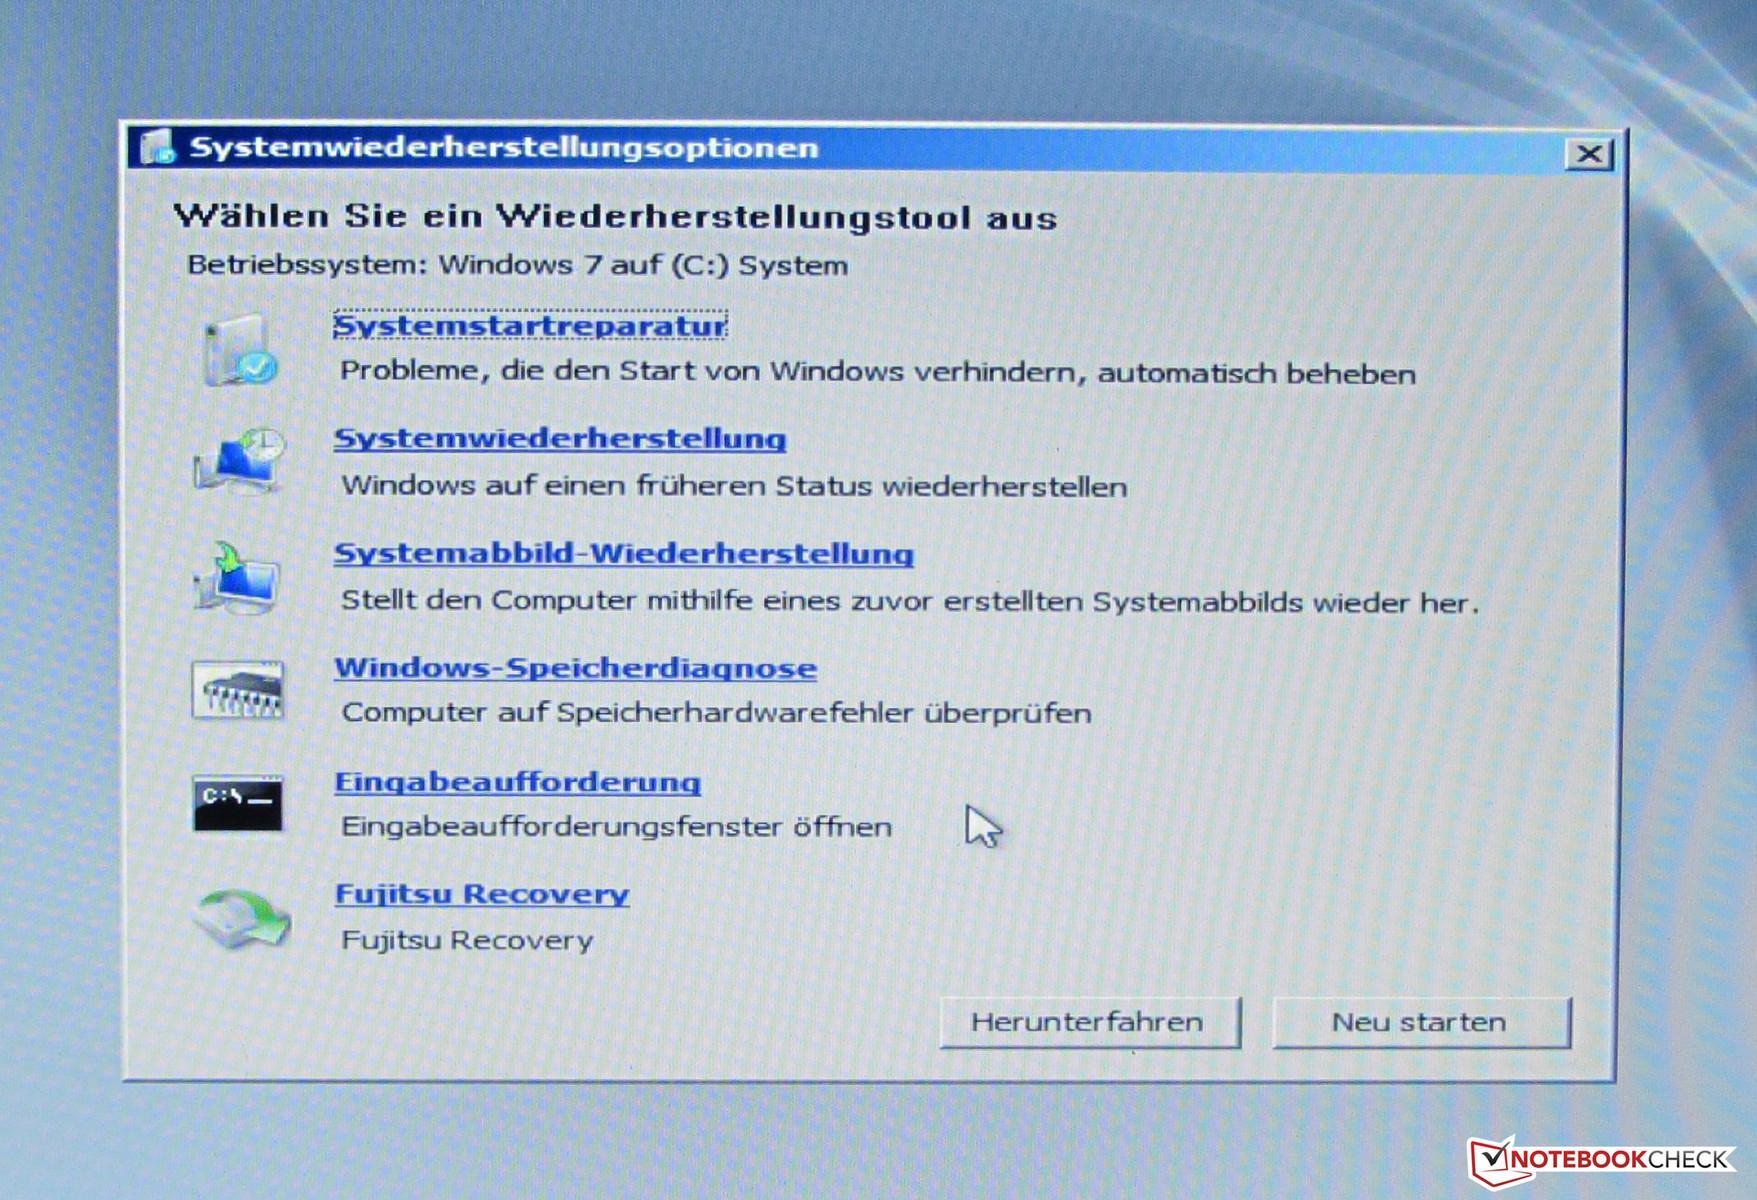 RE: Jak zrobić reinstall systemu Windows 7 na laptopie fujitsu z ukrytej partycji?